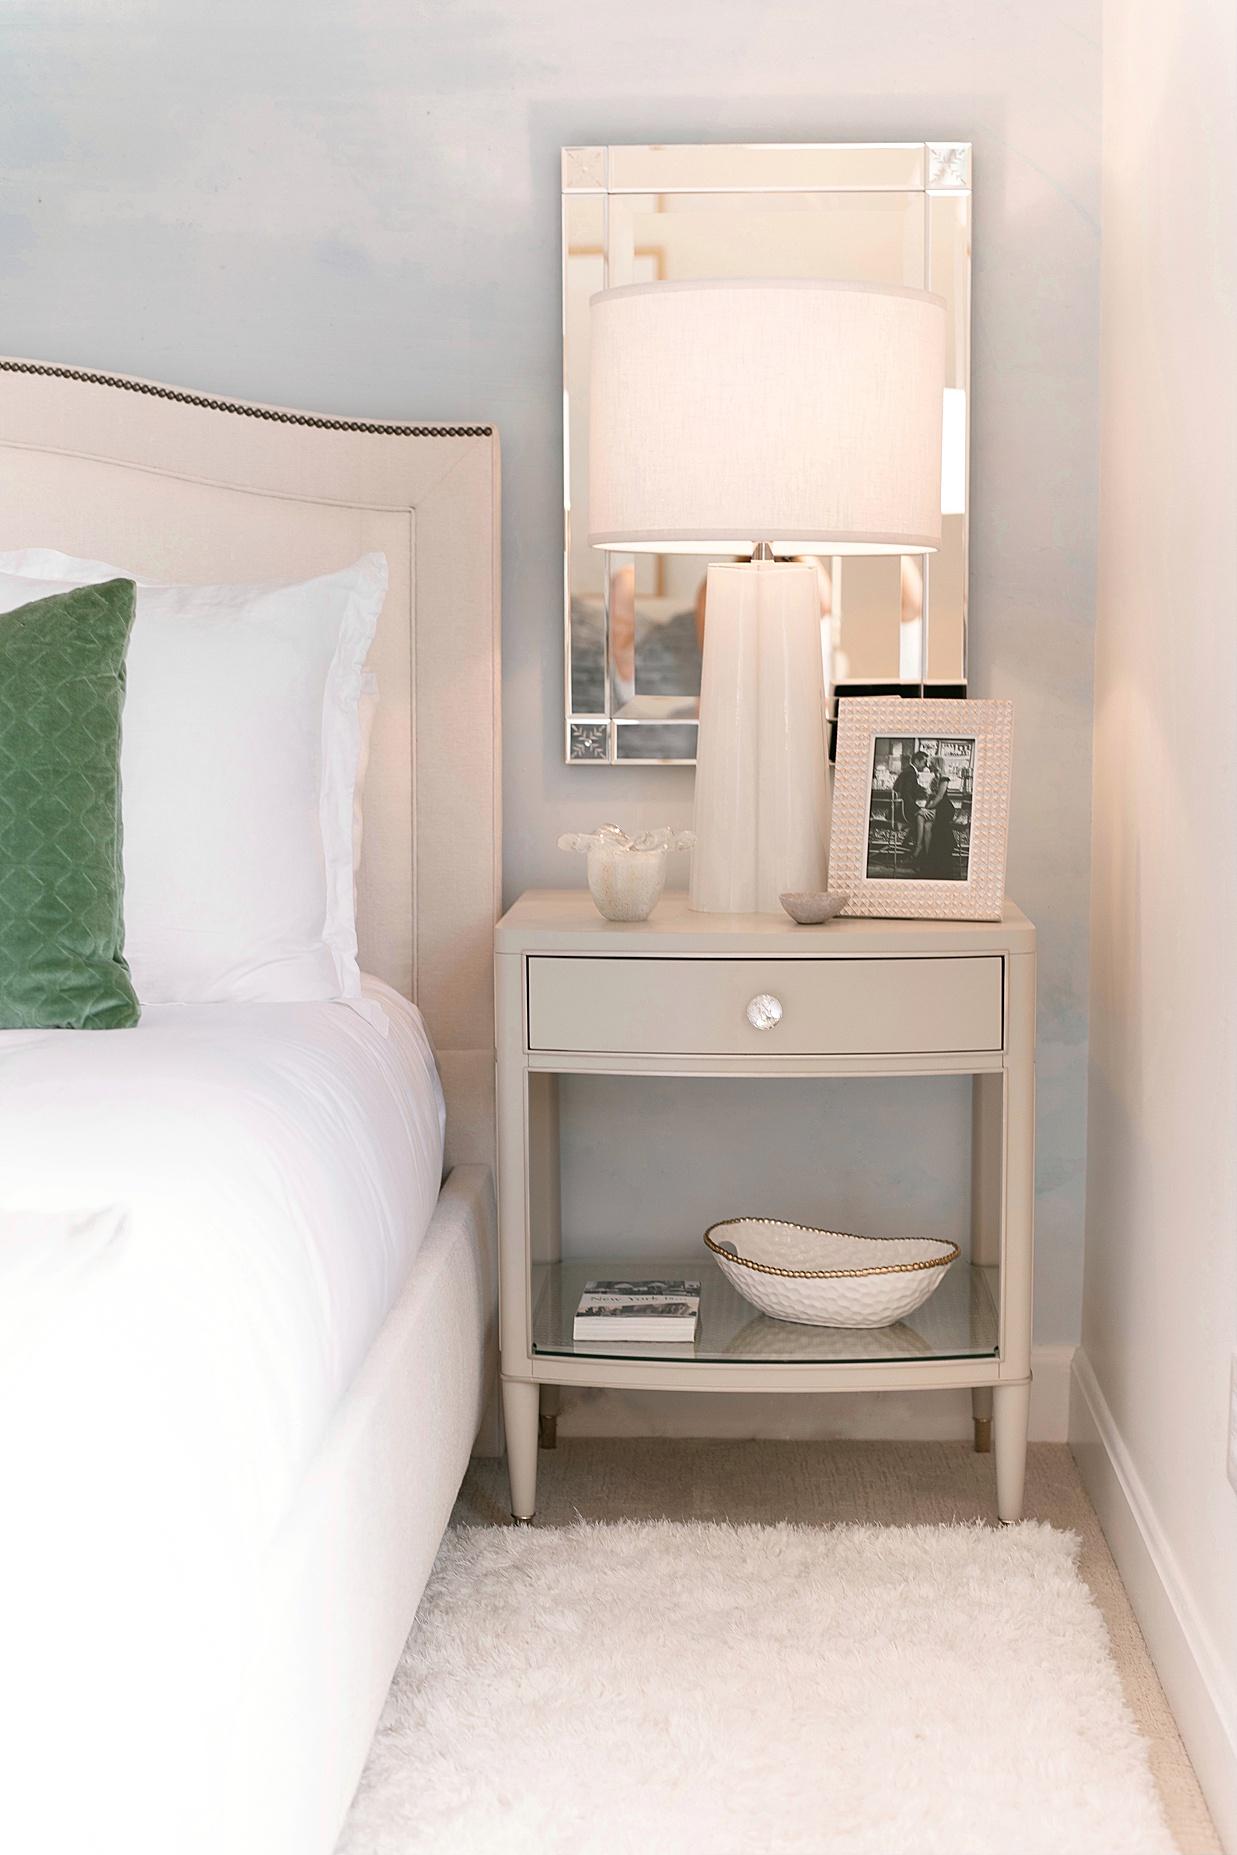 master bedroom, feminine master bedroom, glam bedroom, glamorous bedroom, childhood bedroom transformation, olivia rink design, olivia rink decor, olivia rink childhood bedroom, kathy kuo home, bedroom design, feminine bedroom design, glam bedroom